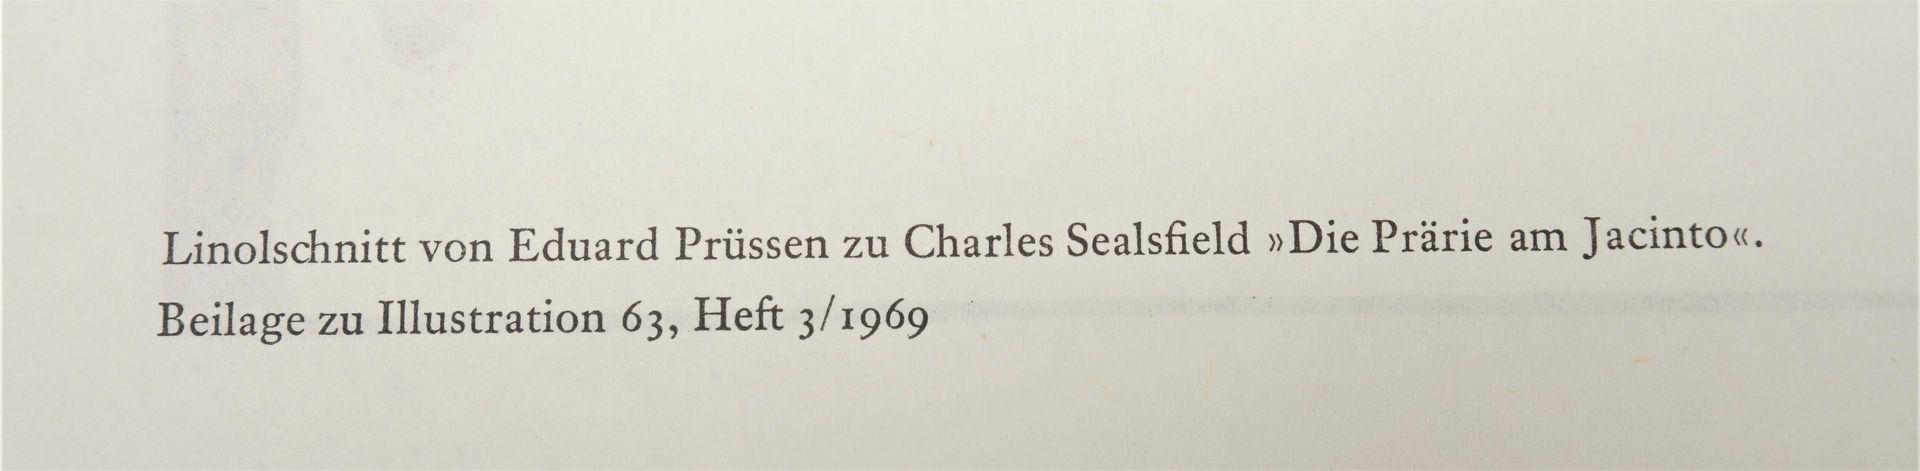 """Eduard Prüssen, Zu Charles Sealsfield """"Die Prärie am Jacinto"""" - Bild 5 aus 5"""